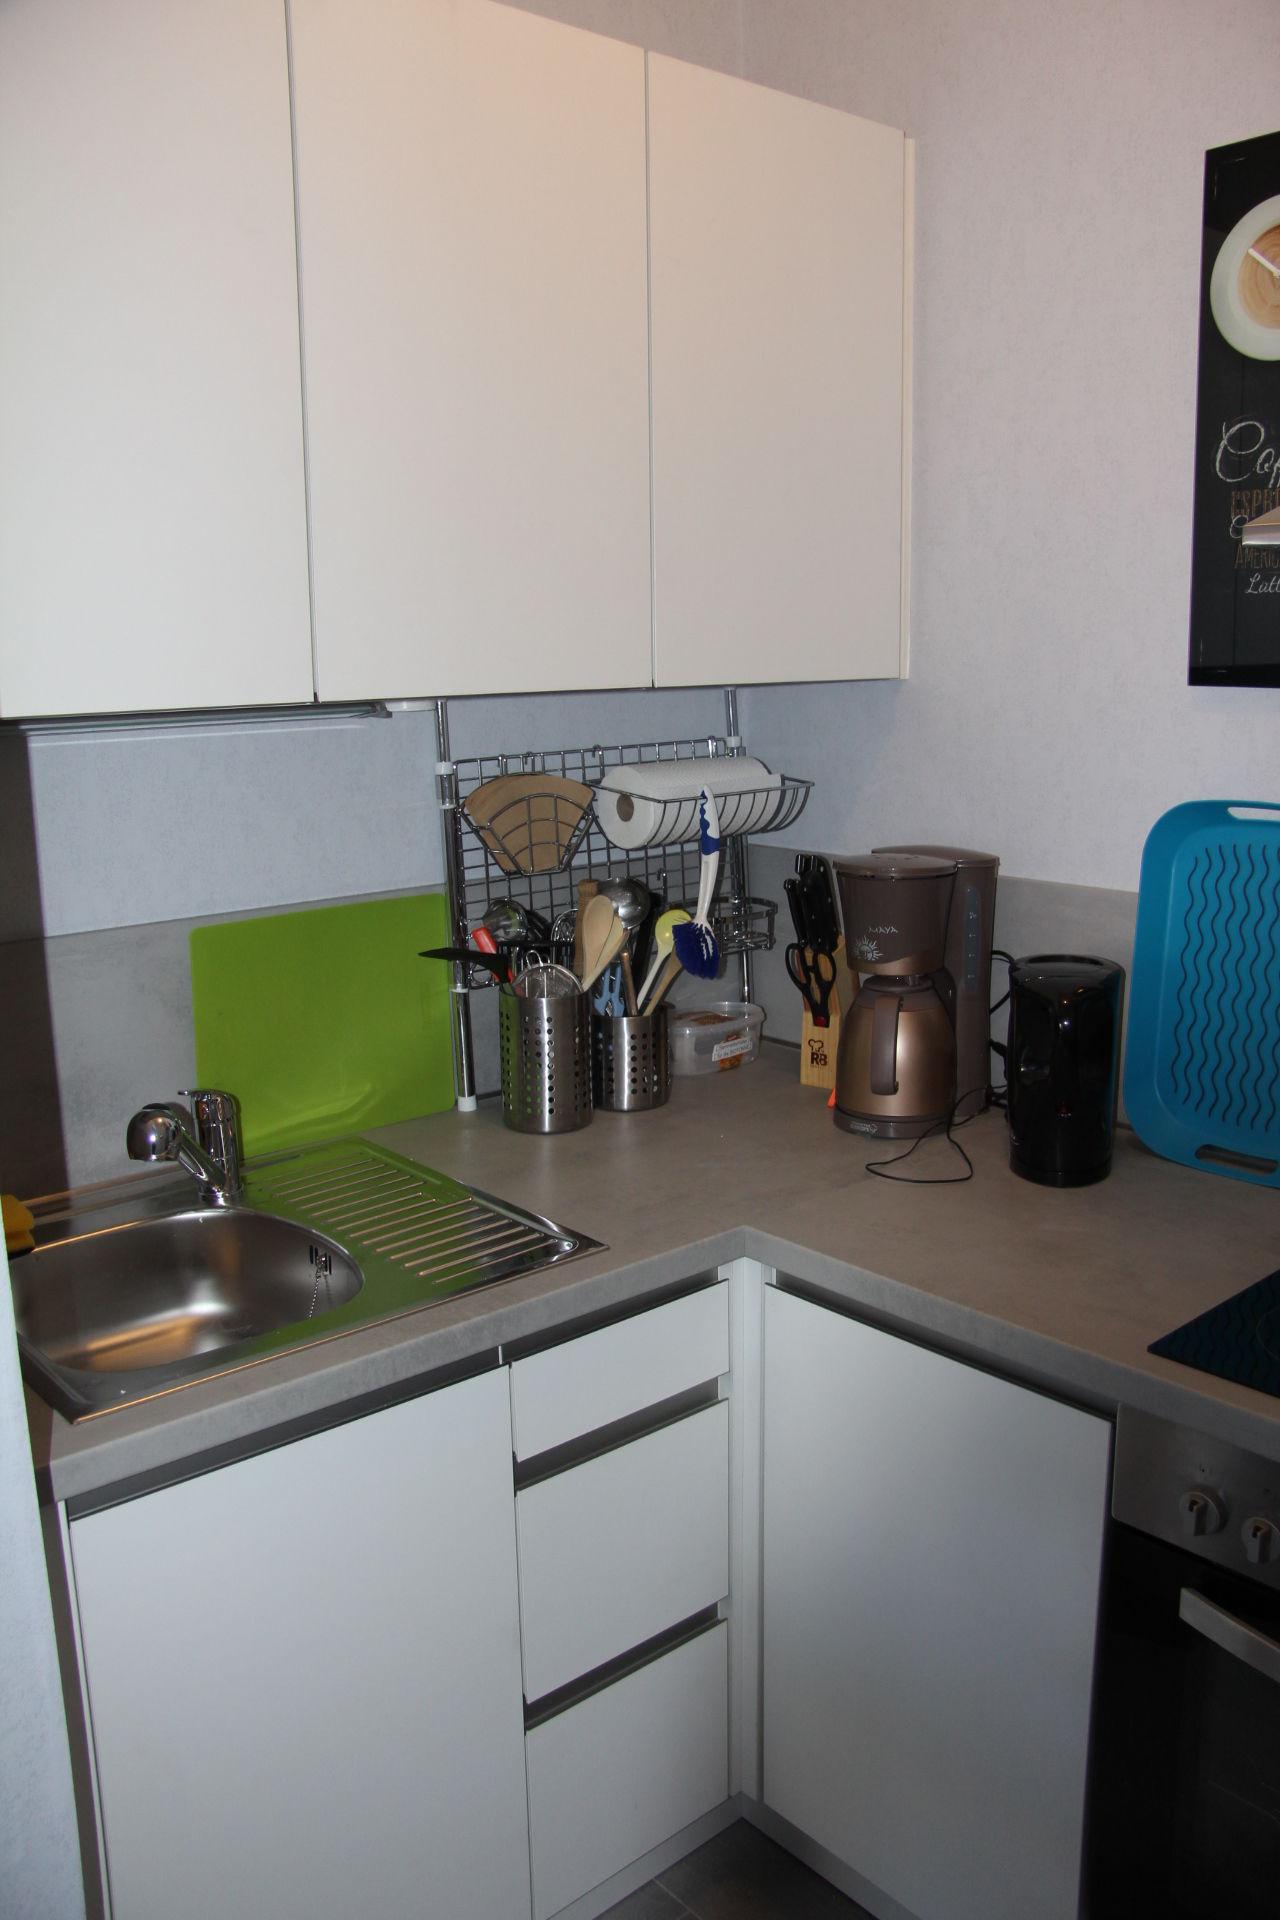 Großer Kühlschrank und Geschirrschrank